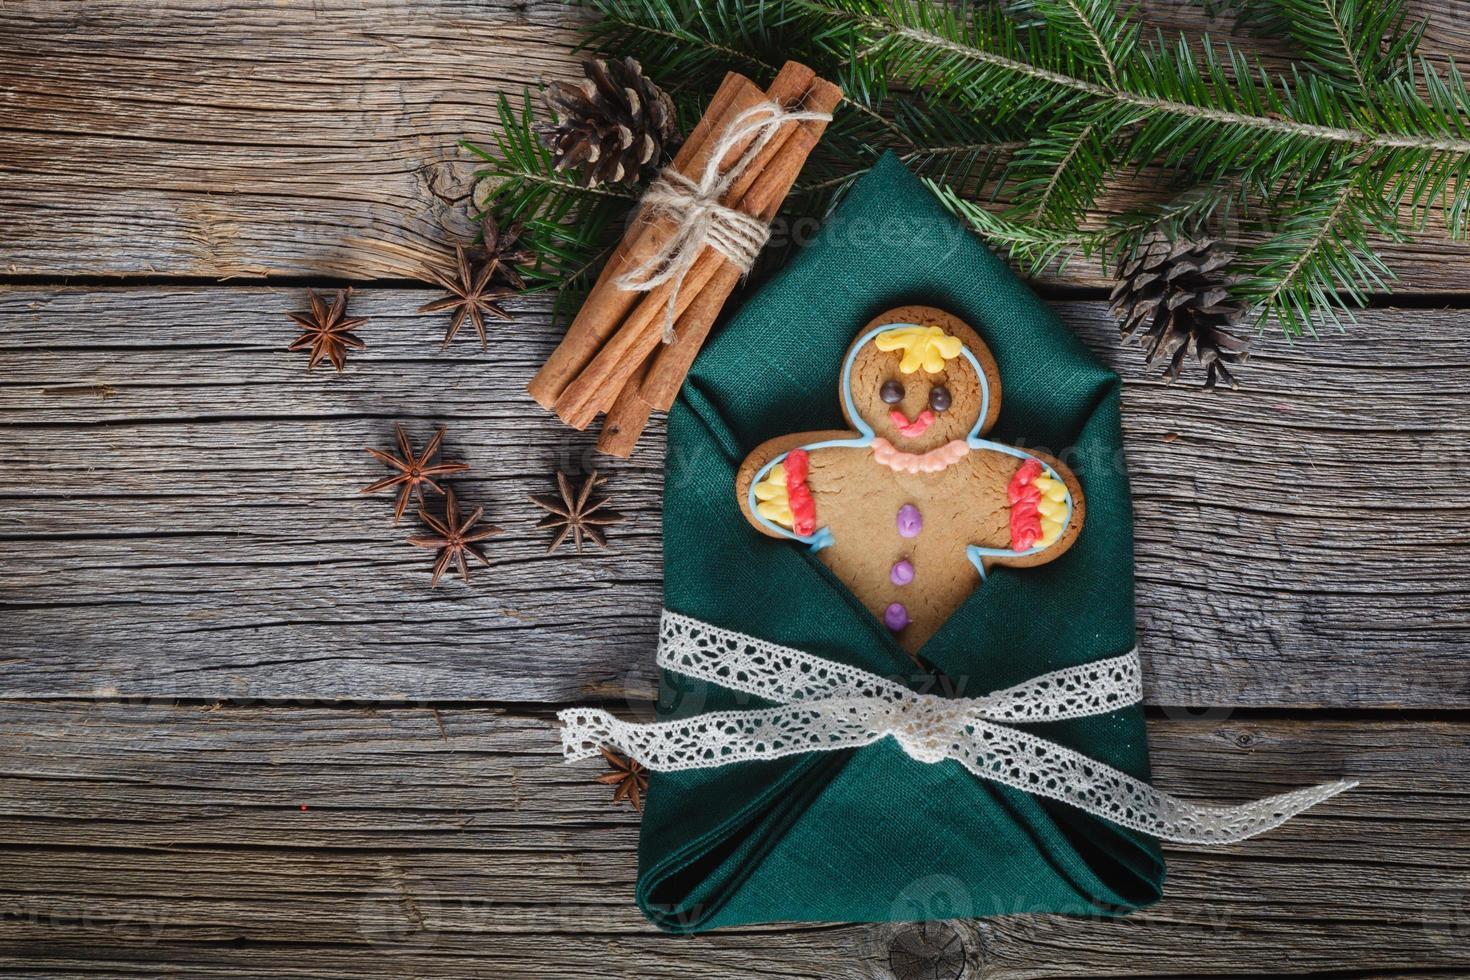 boneco de gengibre em especiarias de natal, canela, anis foto